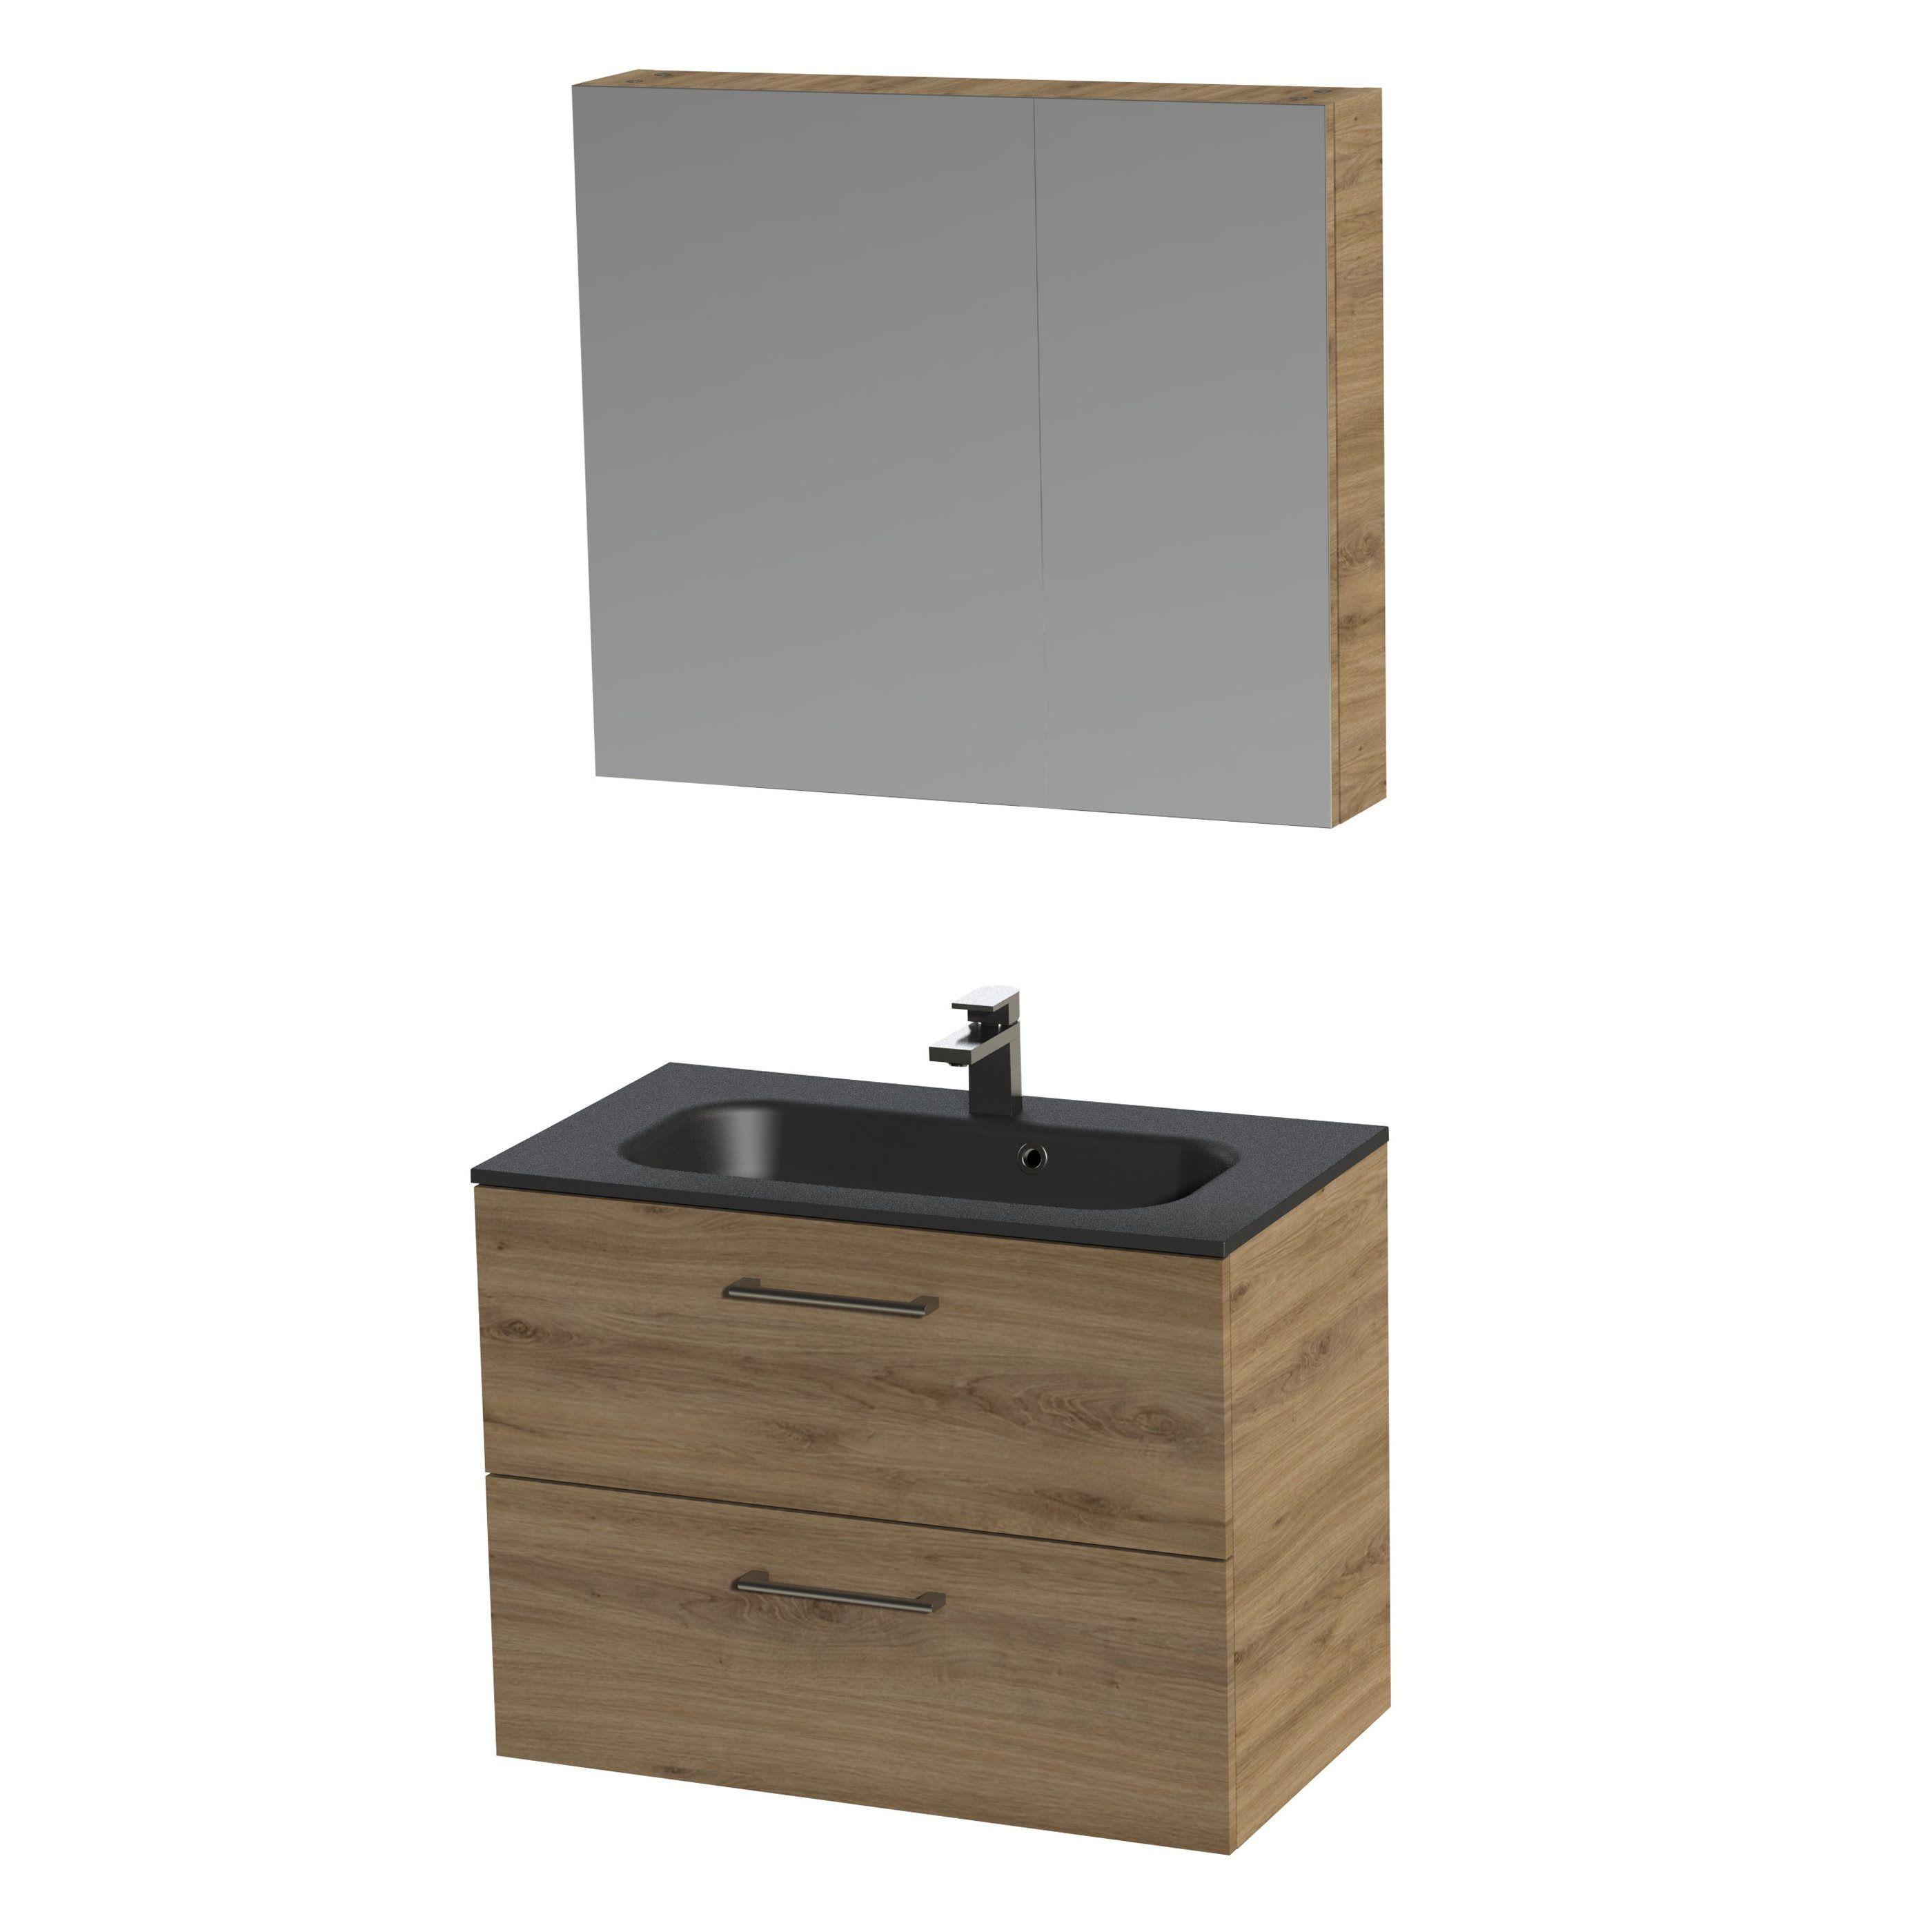 Tiger Studio badkamermeubel met spiegelkast en zwarte wastafel 80cm chalet eiken